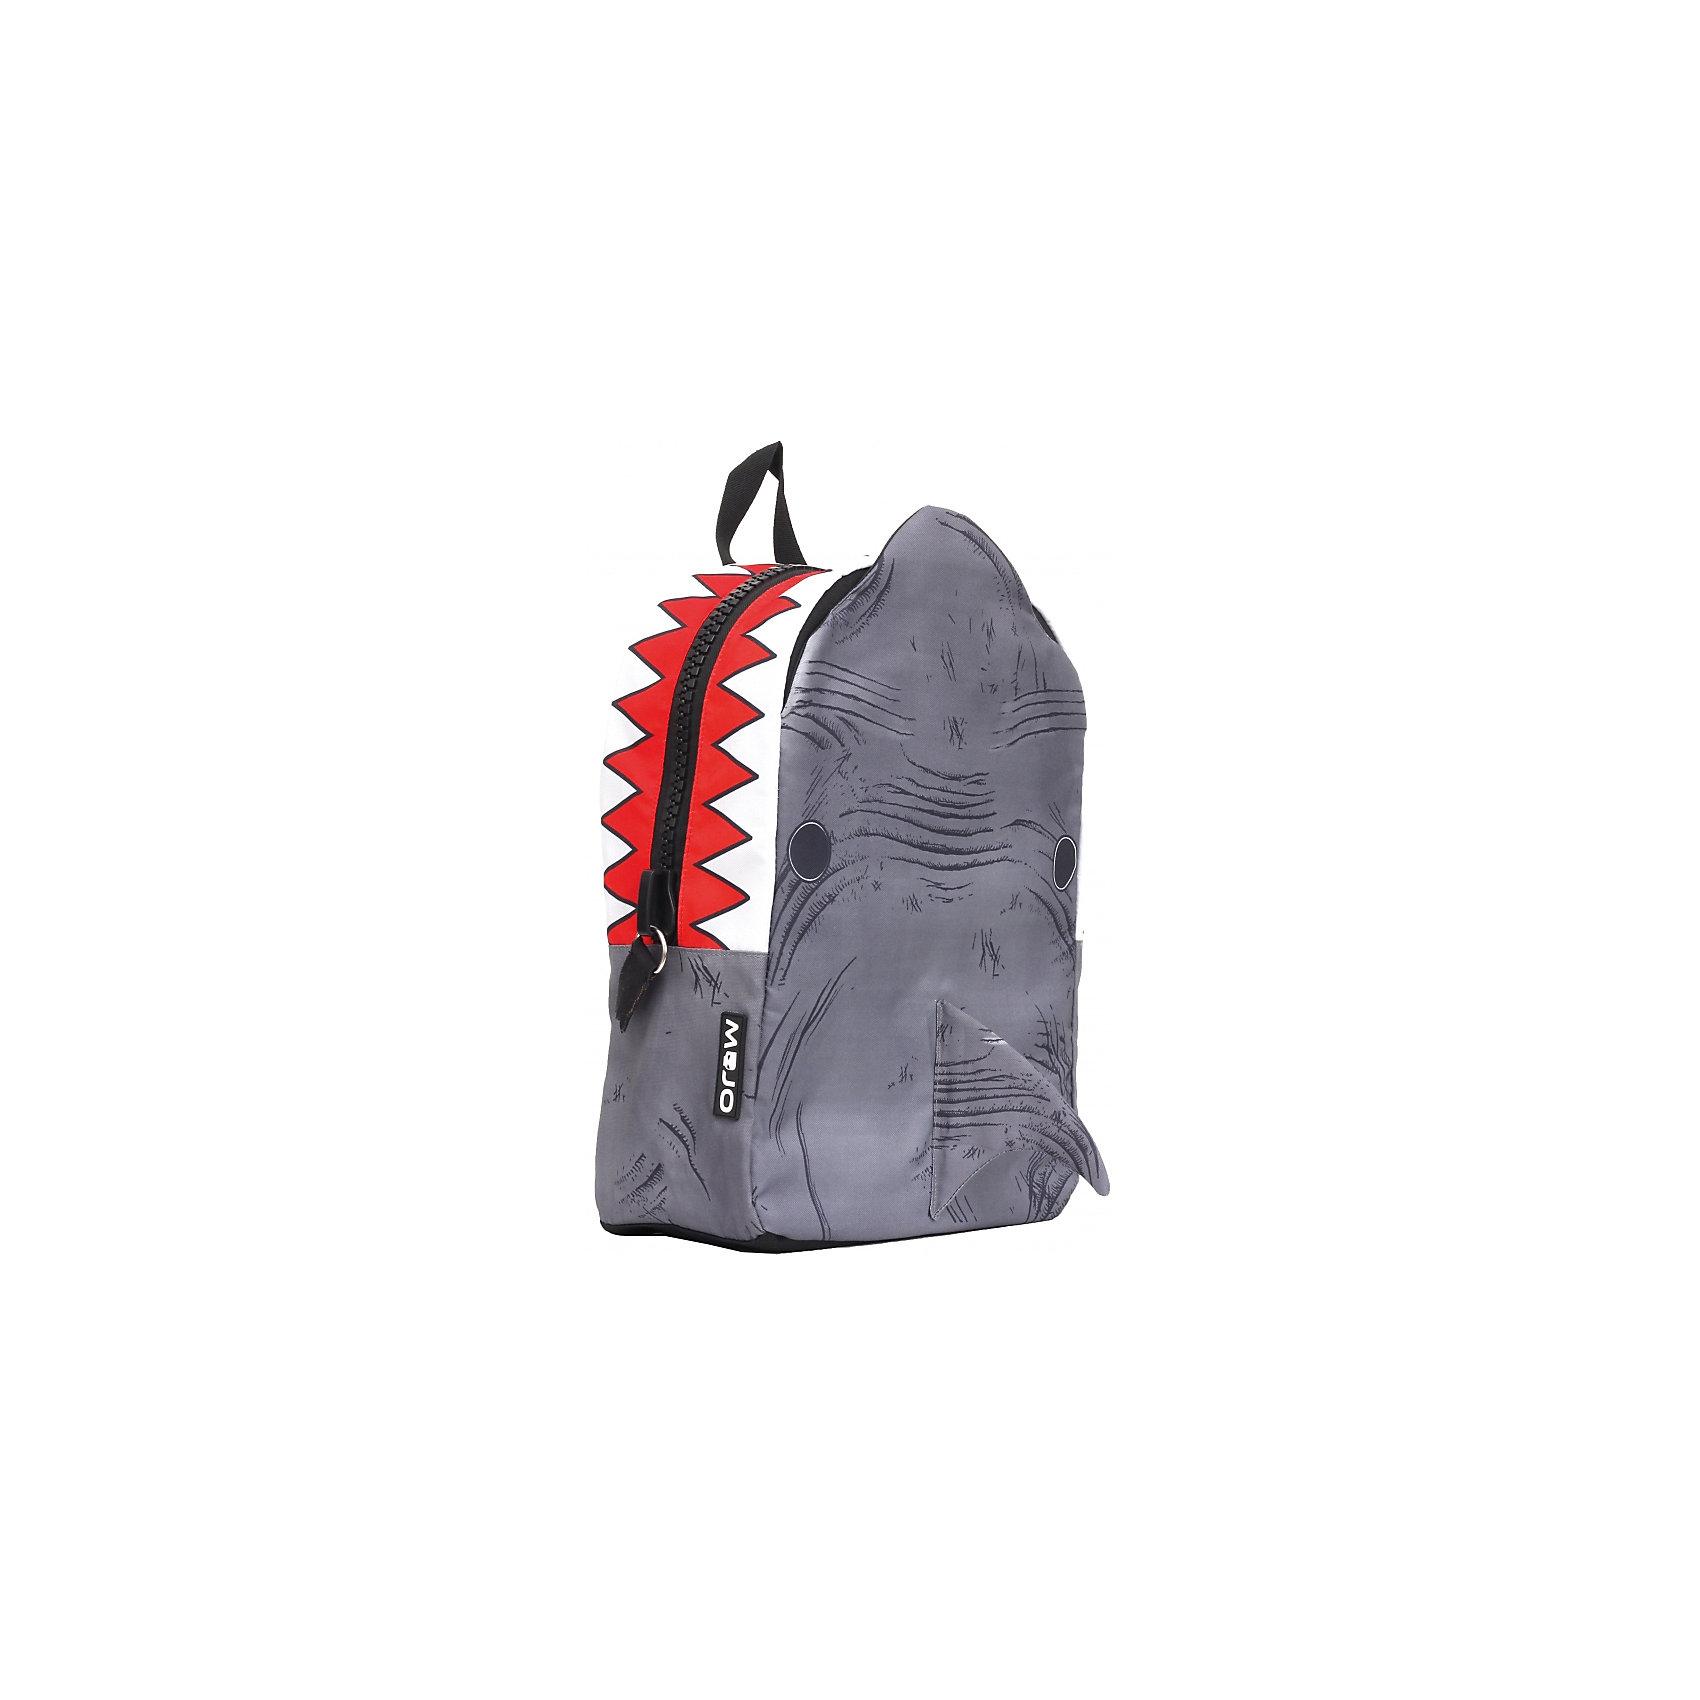 Рюкзак Shark 3D, цвет серый/мультиЭтот стильный рюкзак от Mojo прекрасно сочетает в себе черты спорта и динамичного городского стиля. Внешний вид рюкзака в виде  акулы смотрится очень броско, стильно и оригинально. Имитация открытой пасти и острых зубов - необычное решение и креативный подход! Вы не останетесь незамеченными!<br><br>Ширина мм: 43<br>Глубина мм: 30<br>Высота мм: 16<br>Вес г: 700<br>Возраст от месяцев: 120<br>Возраст до месяцев: 420<br>Пол: Унисекс<br>Возраст: Детский<br>SKU: 5344342